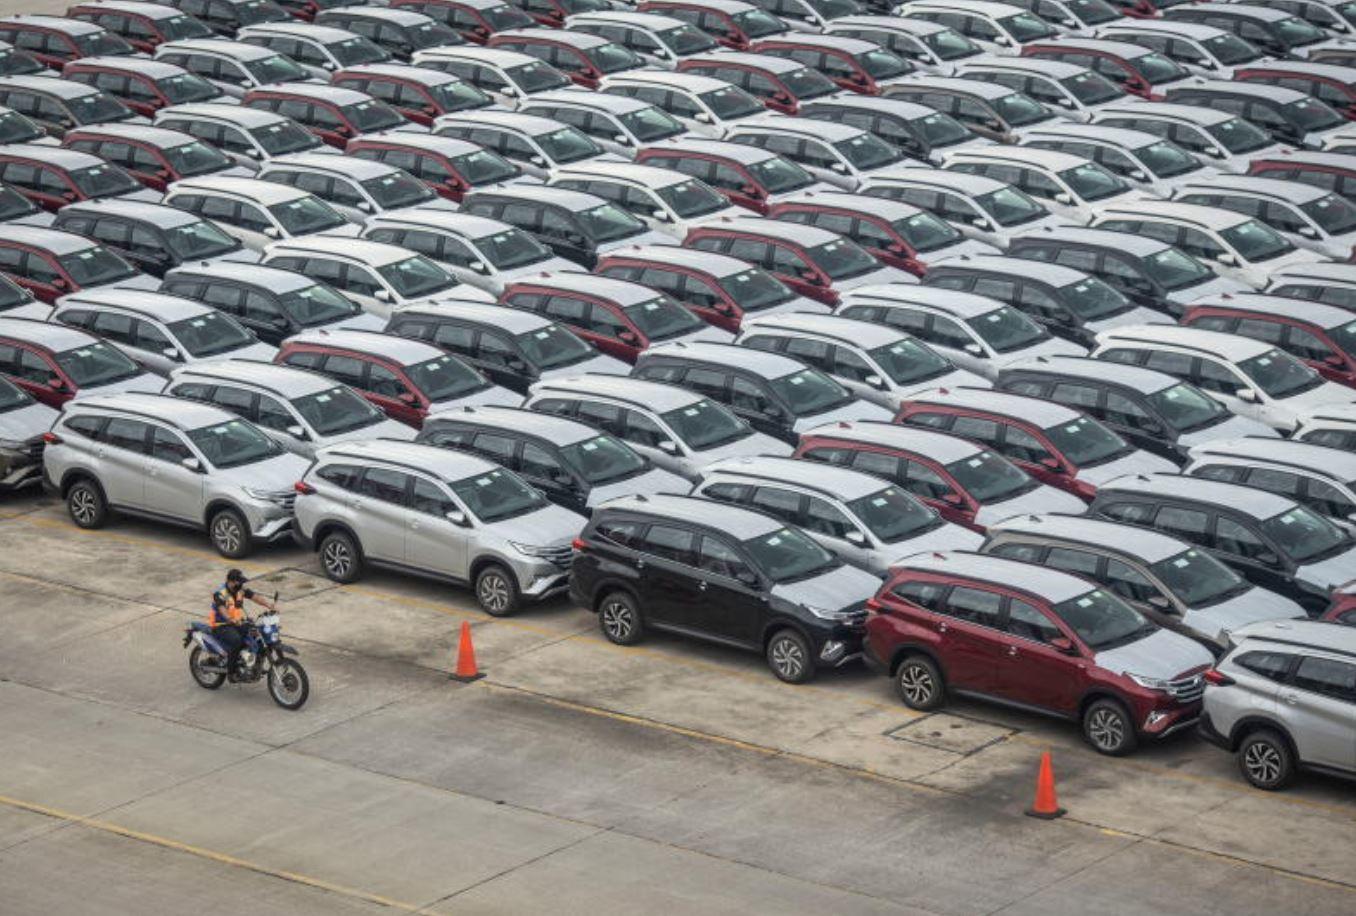 Thái Lan, Indonesia chạy đua làm xe điện, Việt Nam liệu có 'bỏ lỡ'?